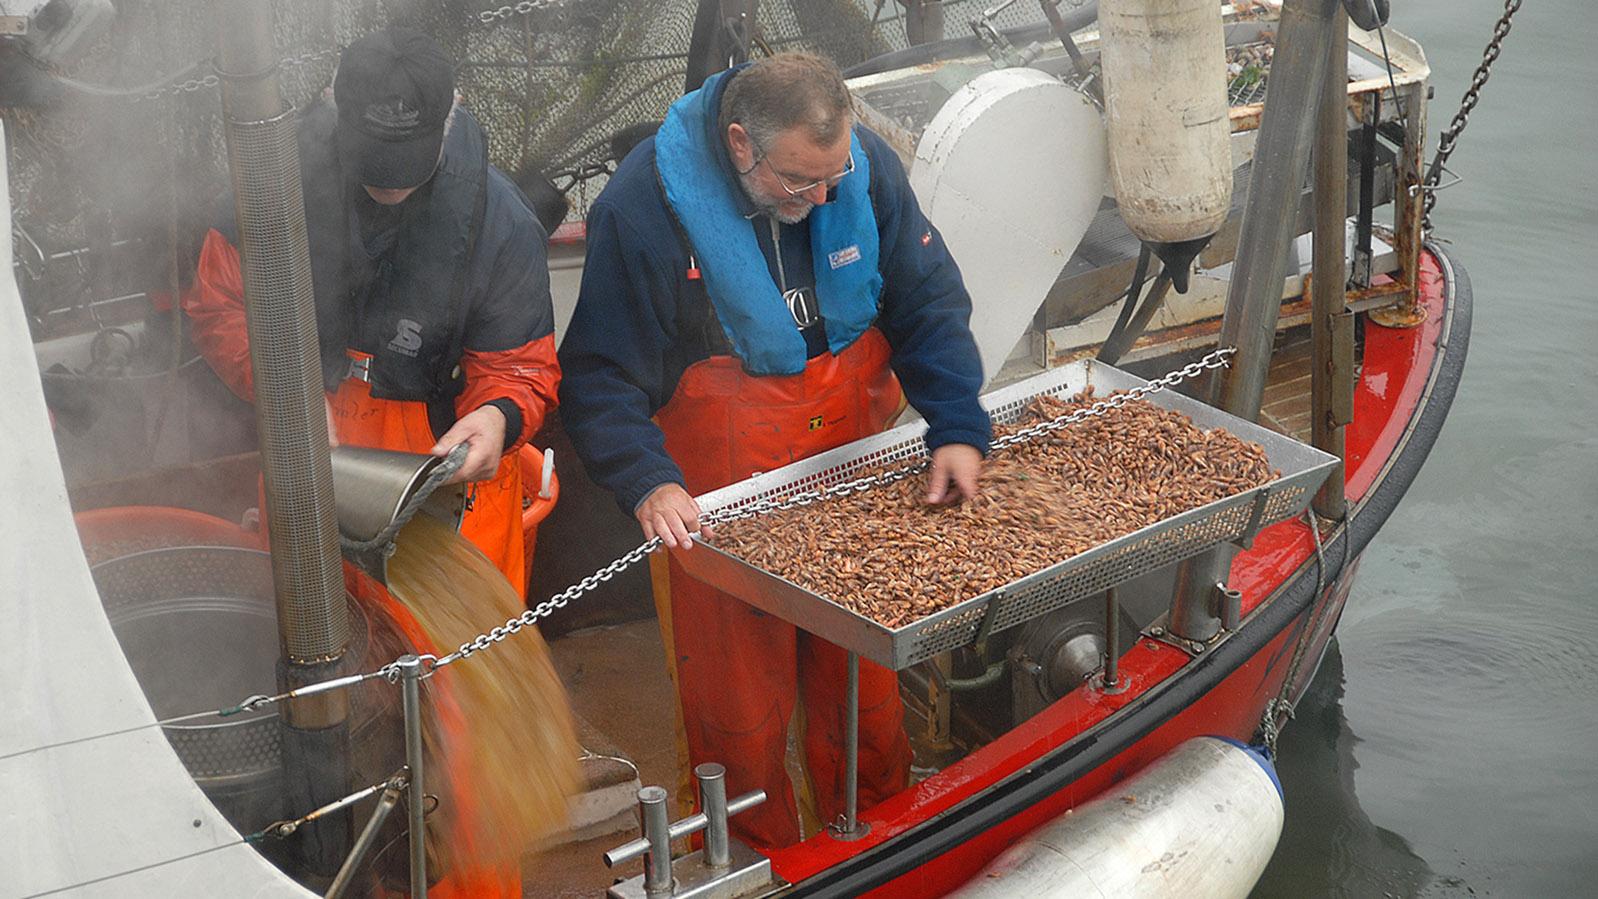 Krabbenfischer im Hafen von List. Foto: Hilke Maunder